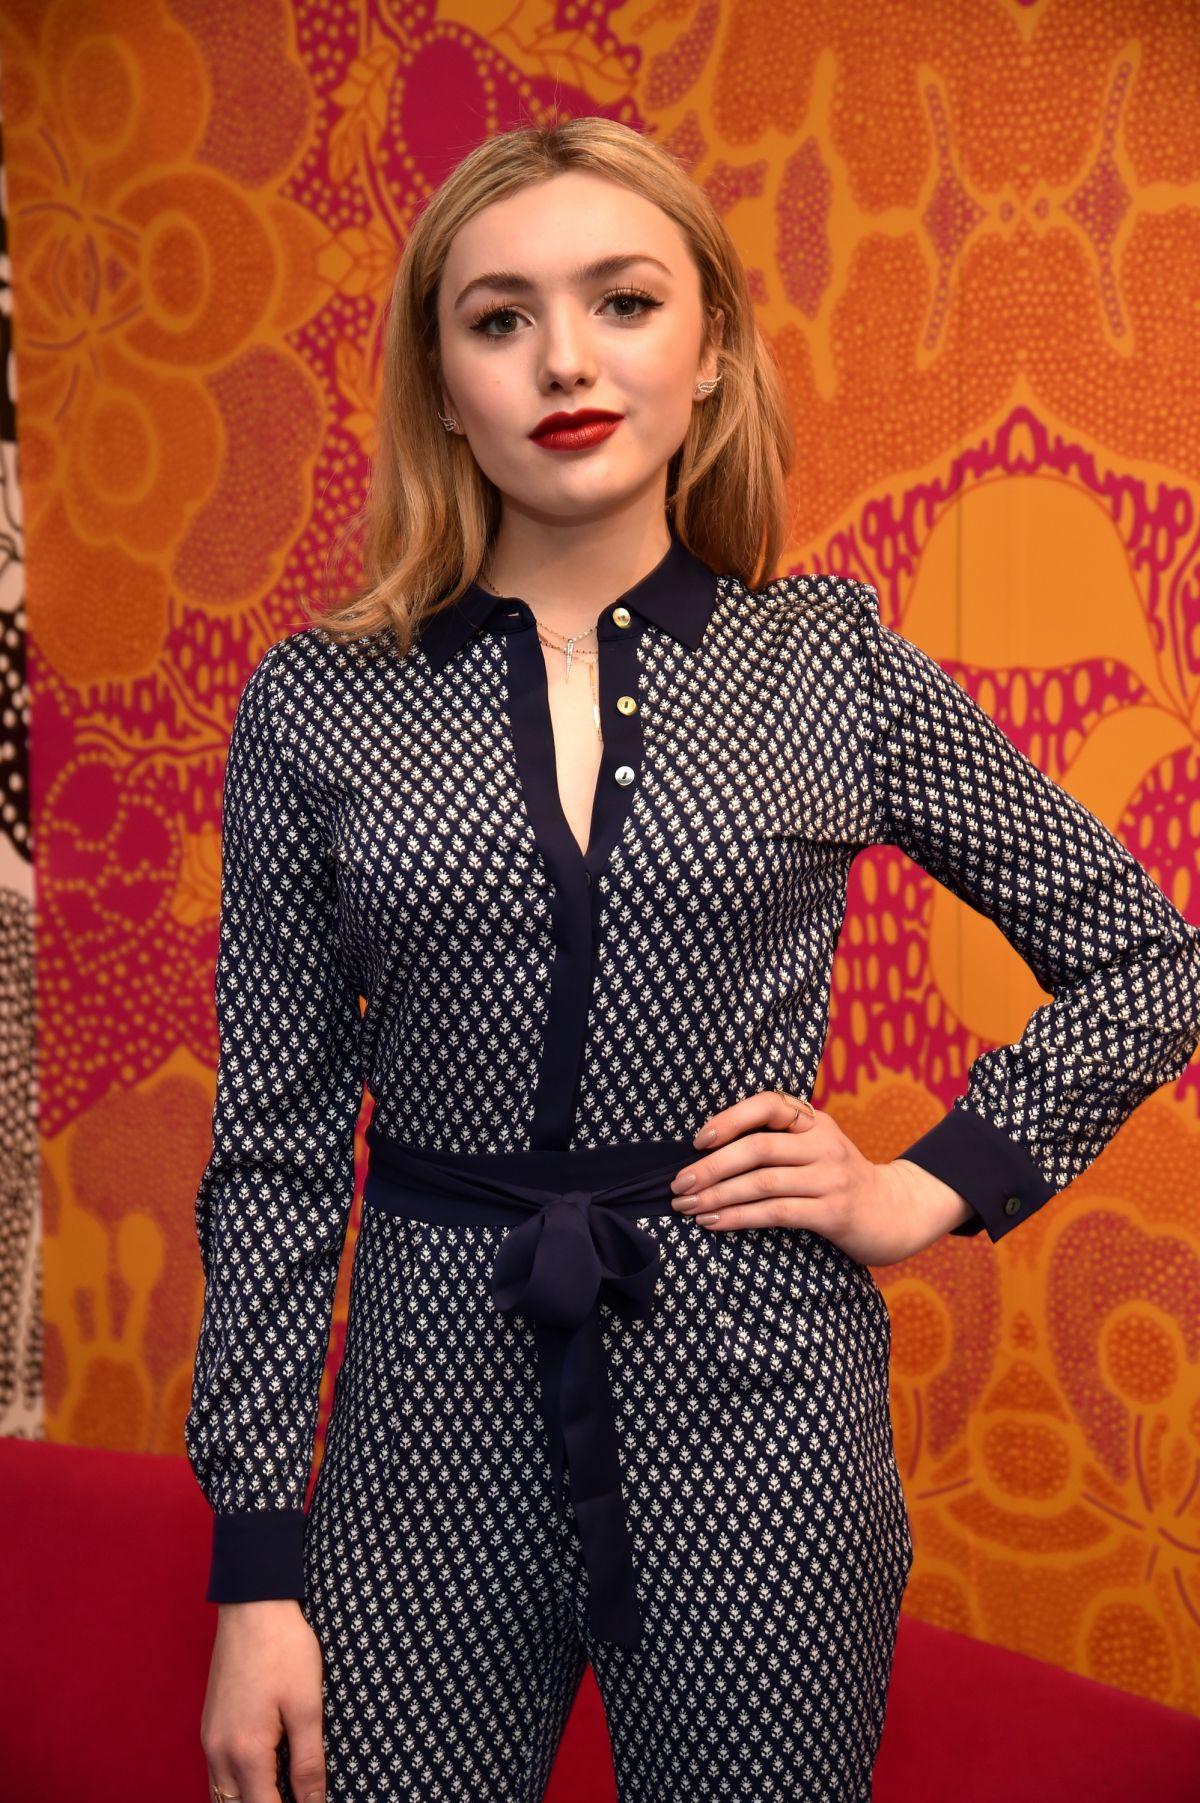 ... at Diane Von Furstenberg Fall 2016 Fashion Shoe in New York 02/14/2016